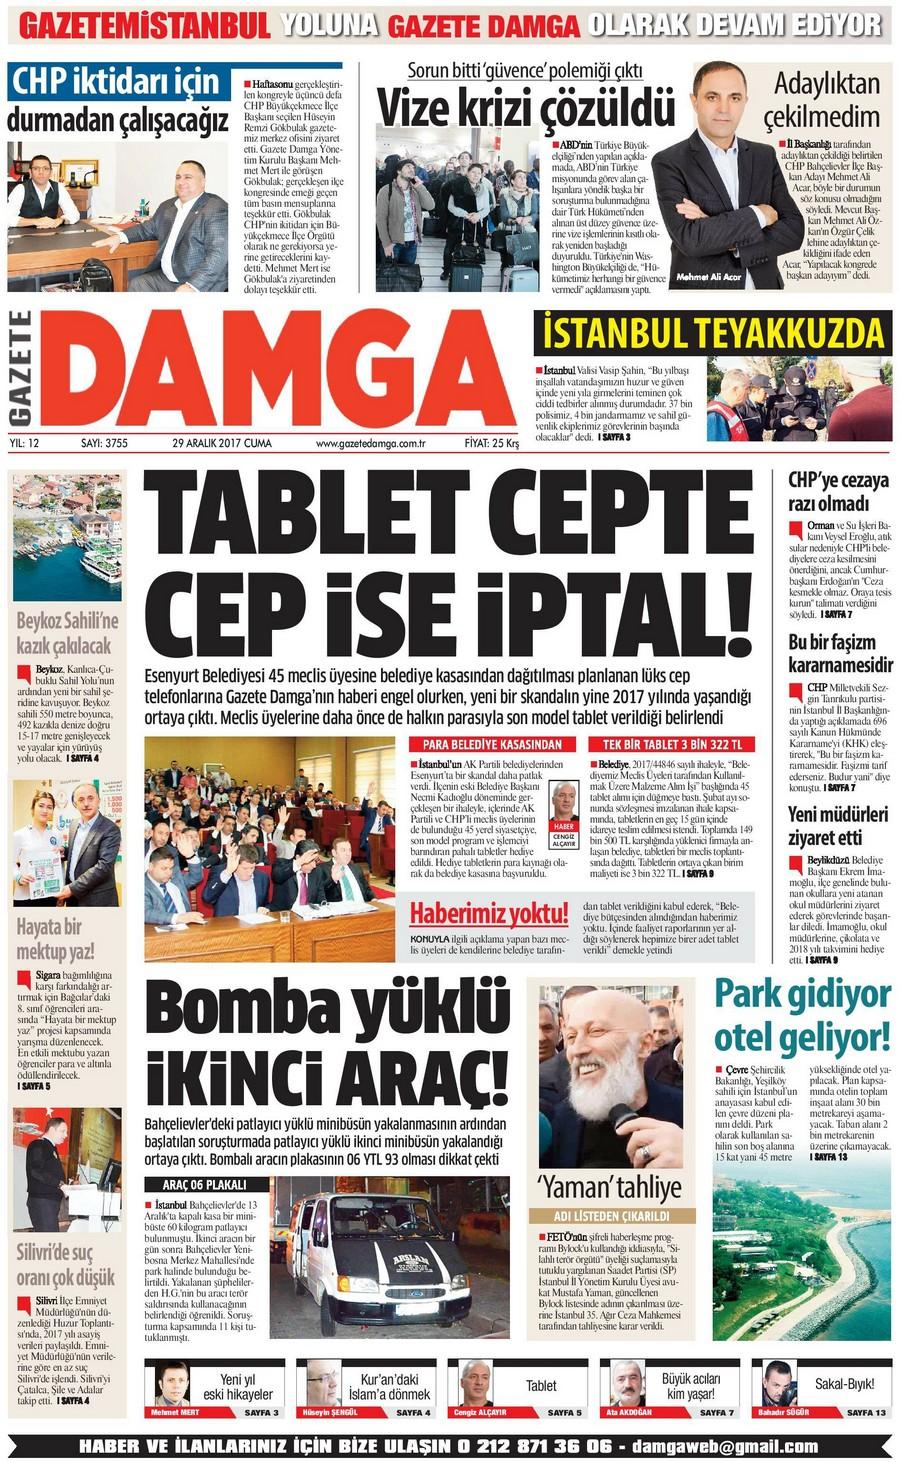 Gazete Damga - 29.12.2017 Manşeti